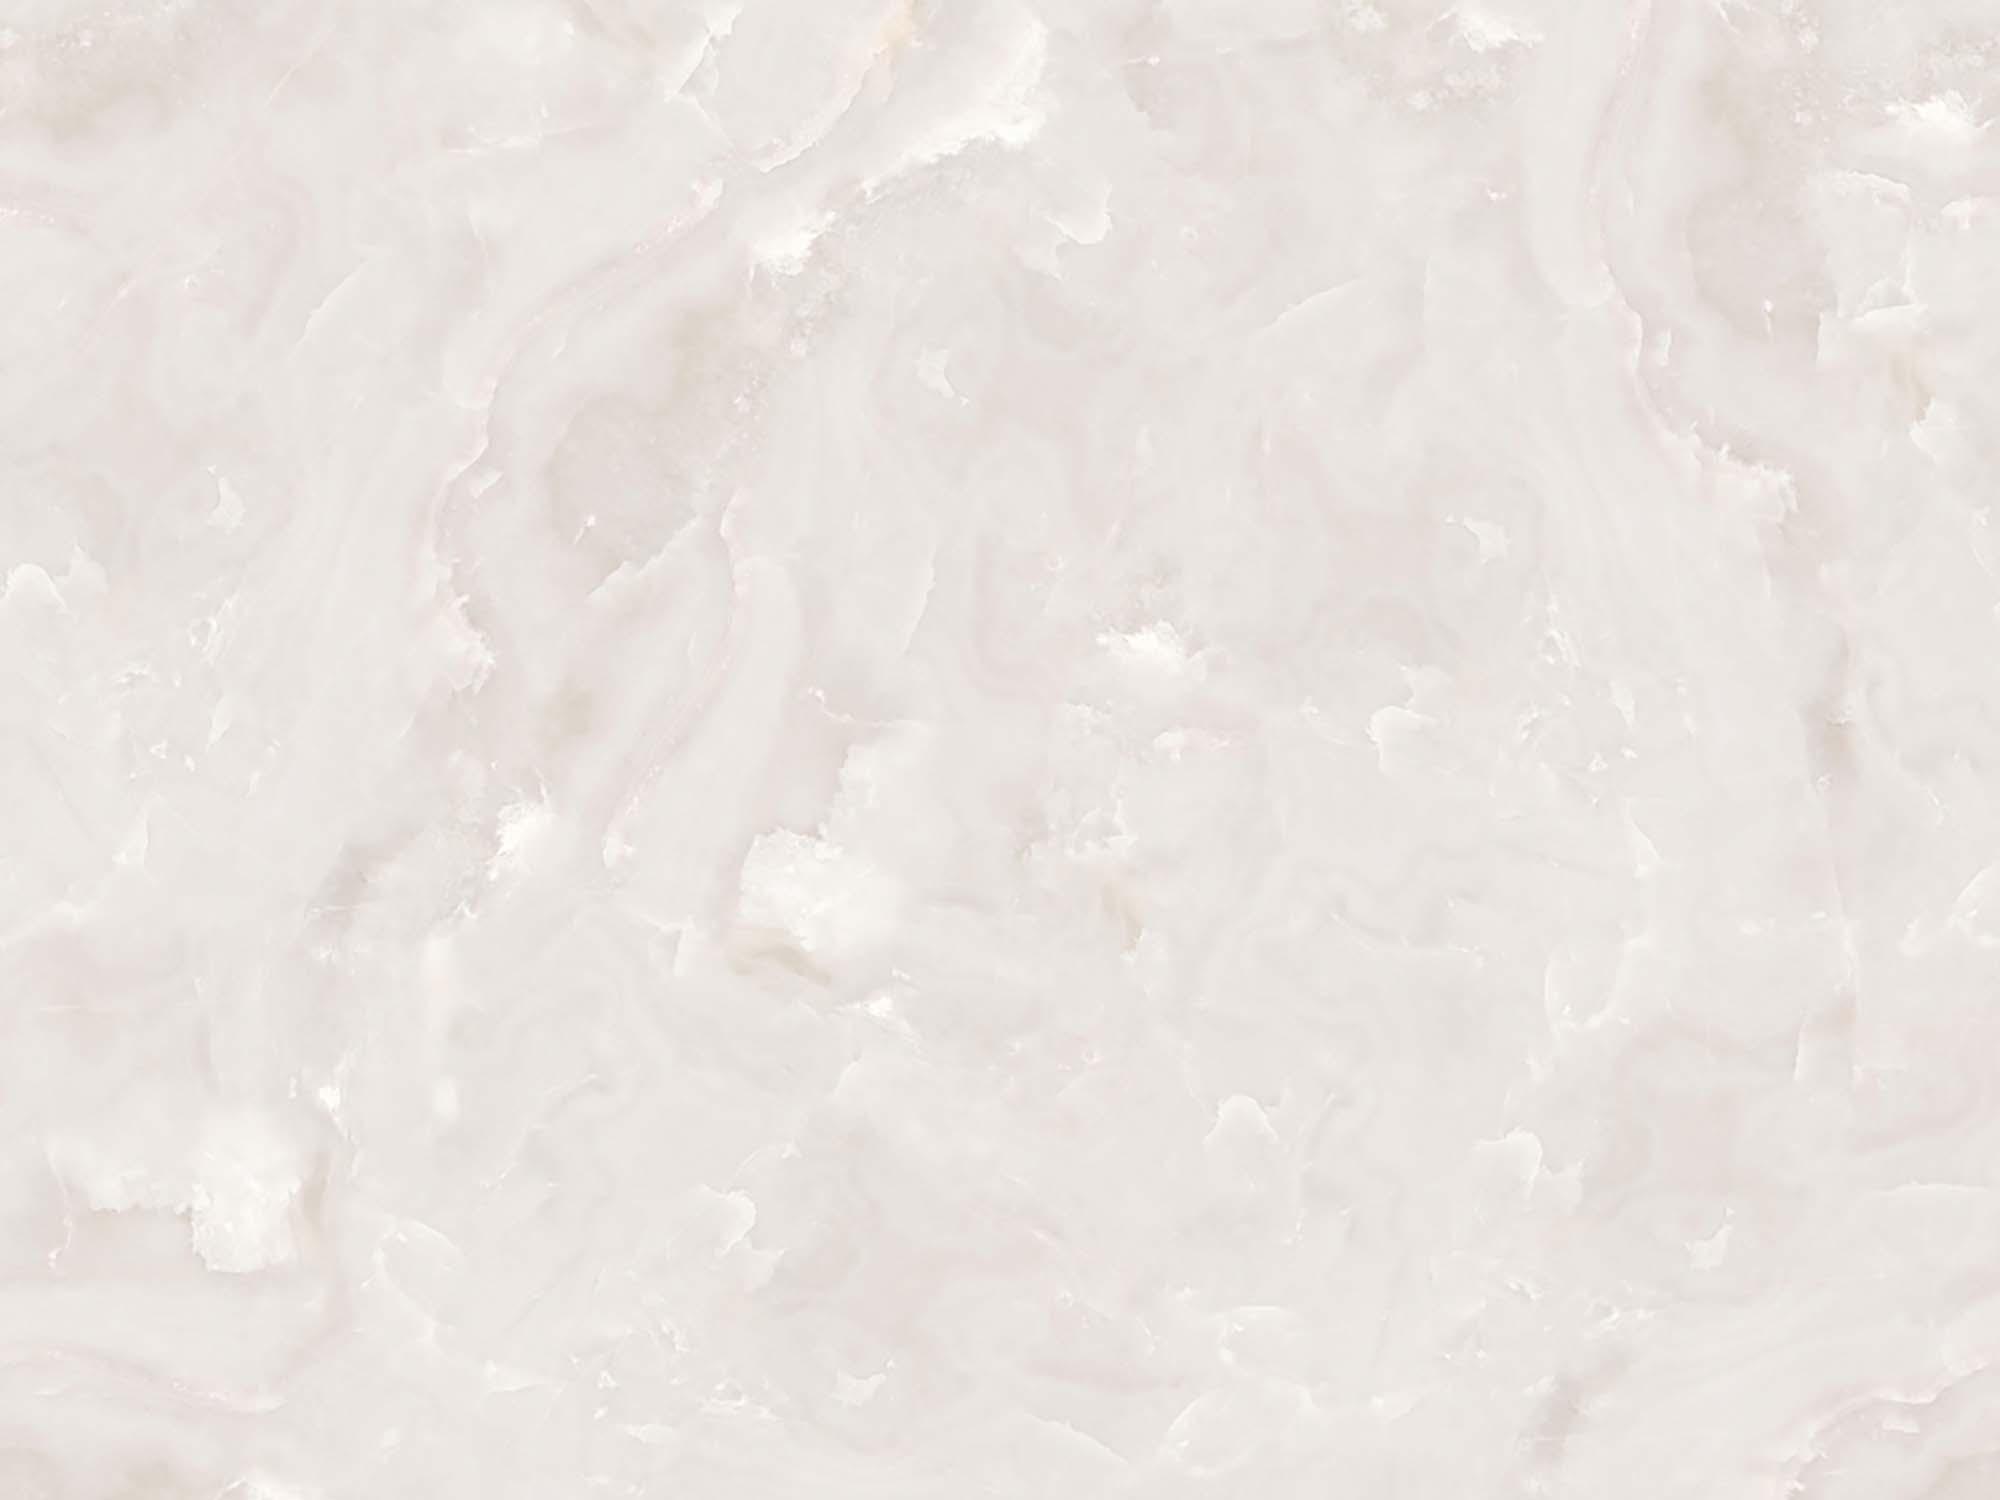 5 Free Seamless Stone Textures Jpg